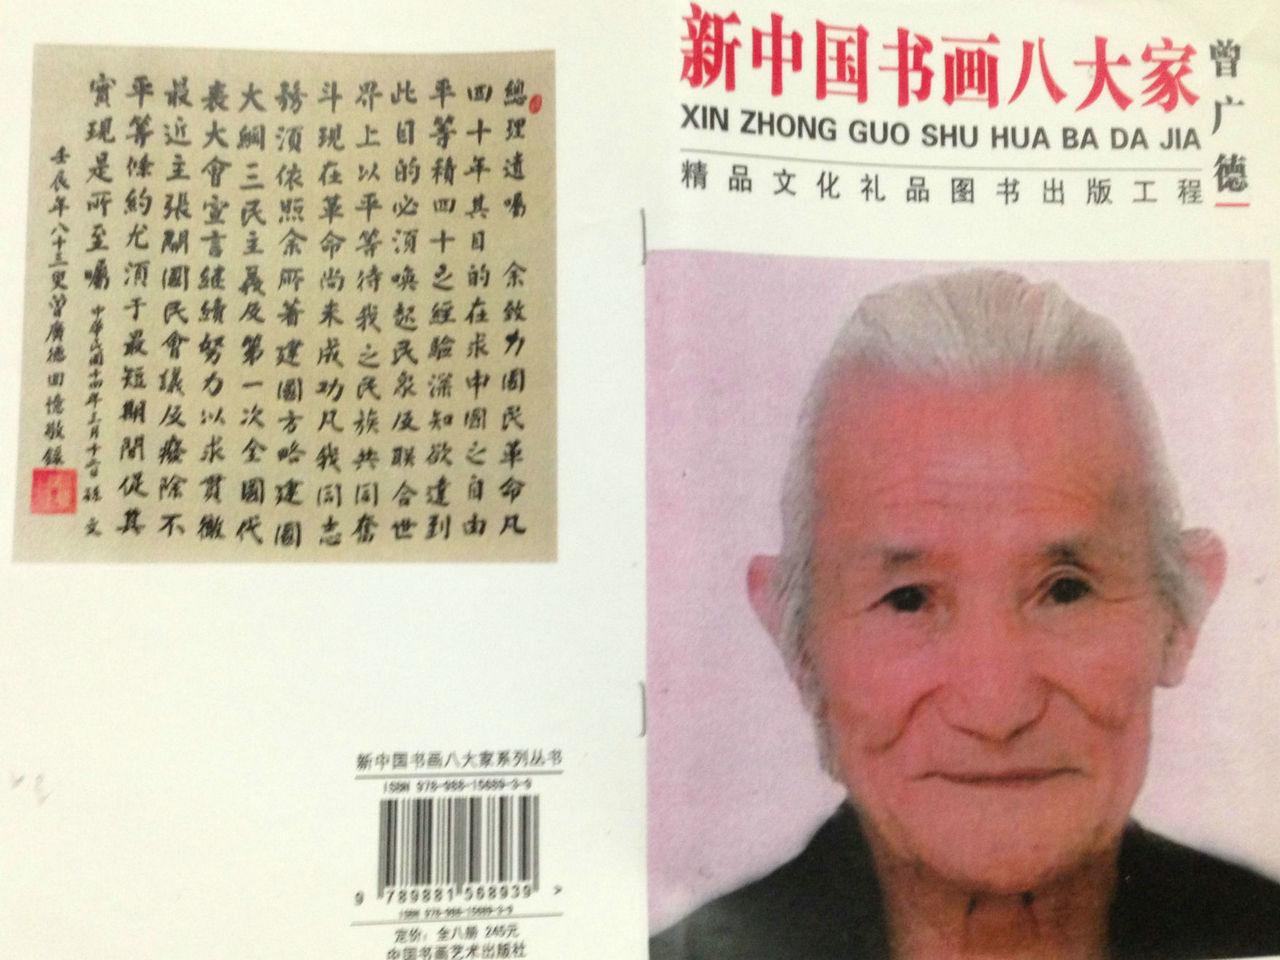 ▲世界和平艺术大师著名红色艺术家新中国书法八大家曾广德同志艺术生涯荣誉